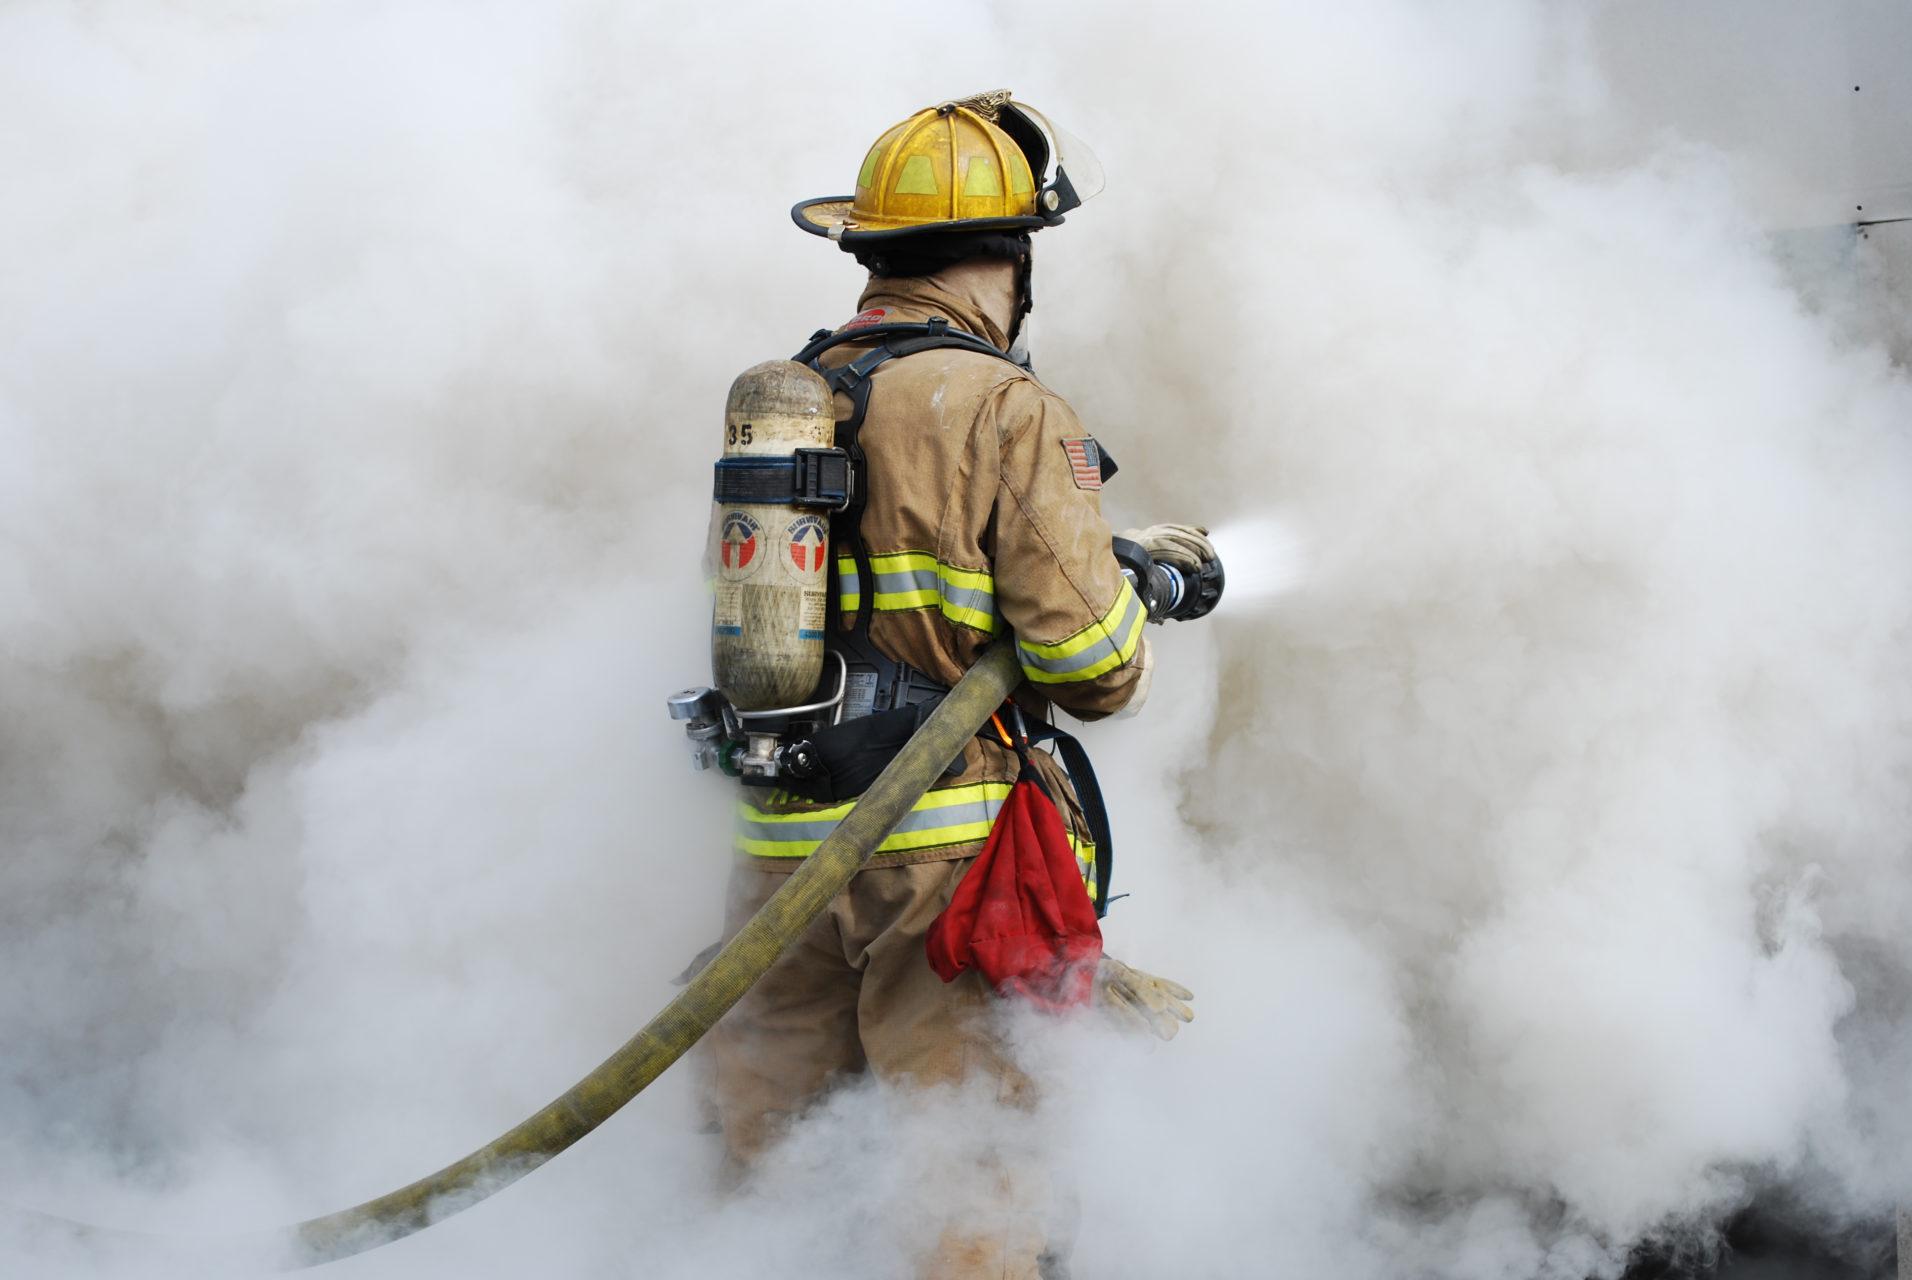 Картинки для визио по пожарной сделать